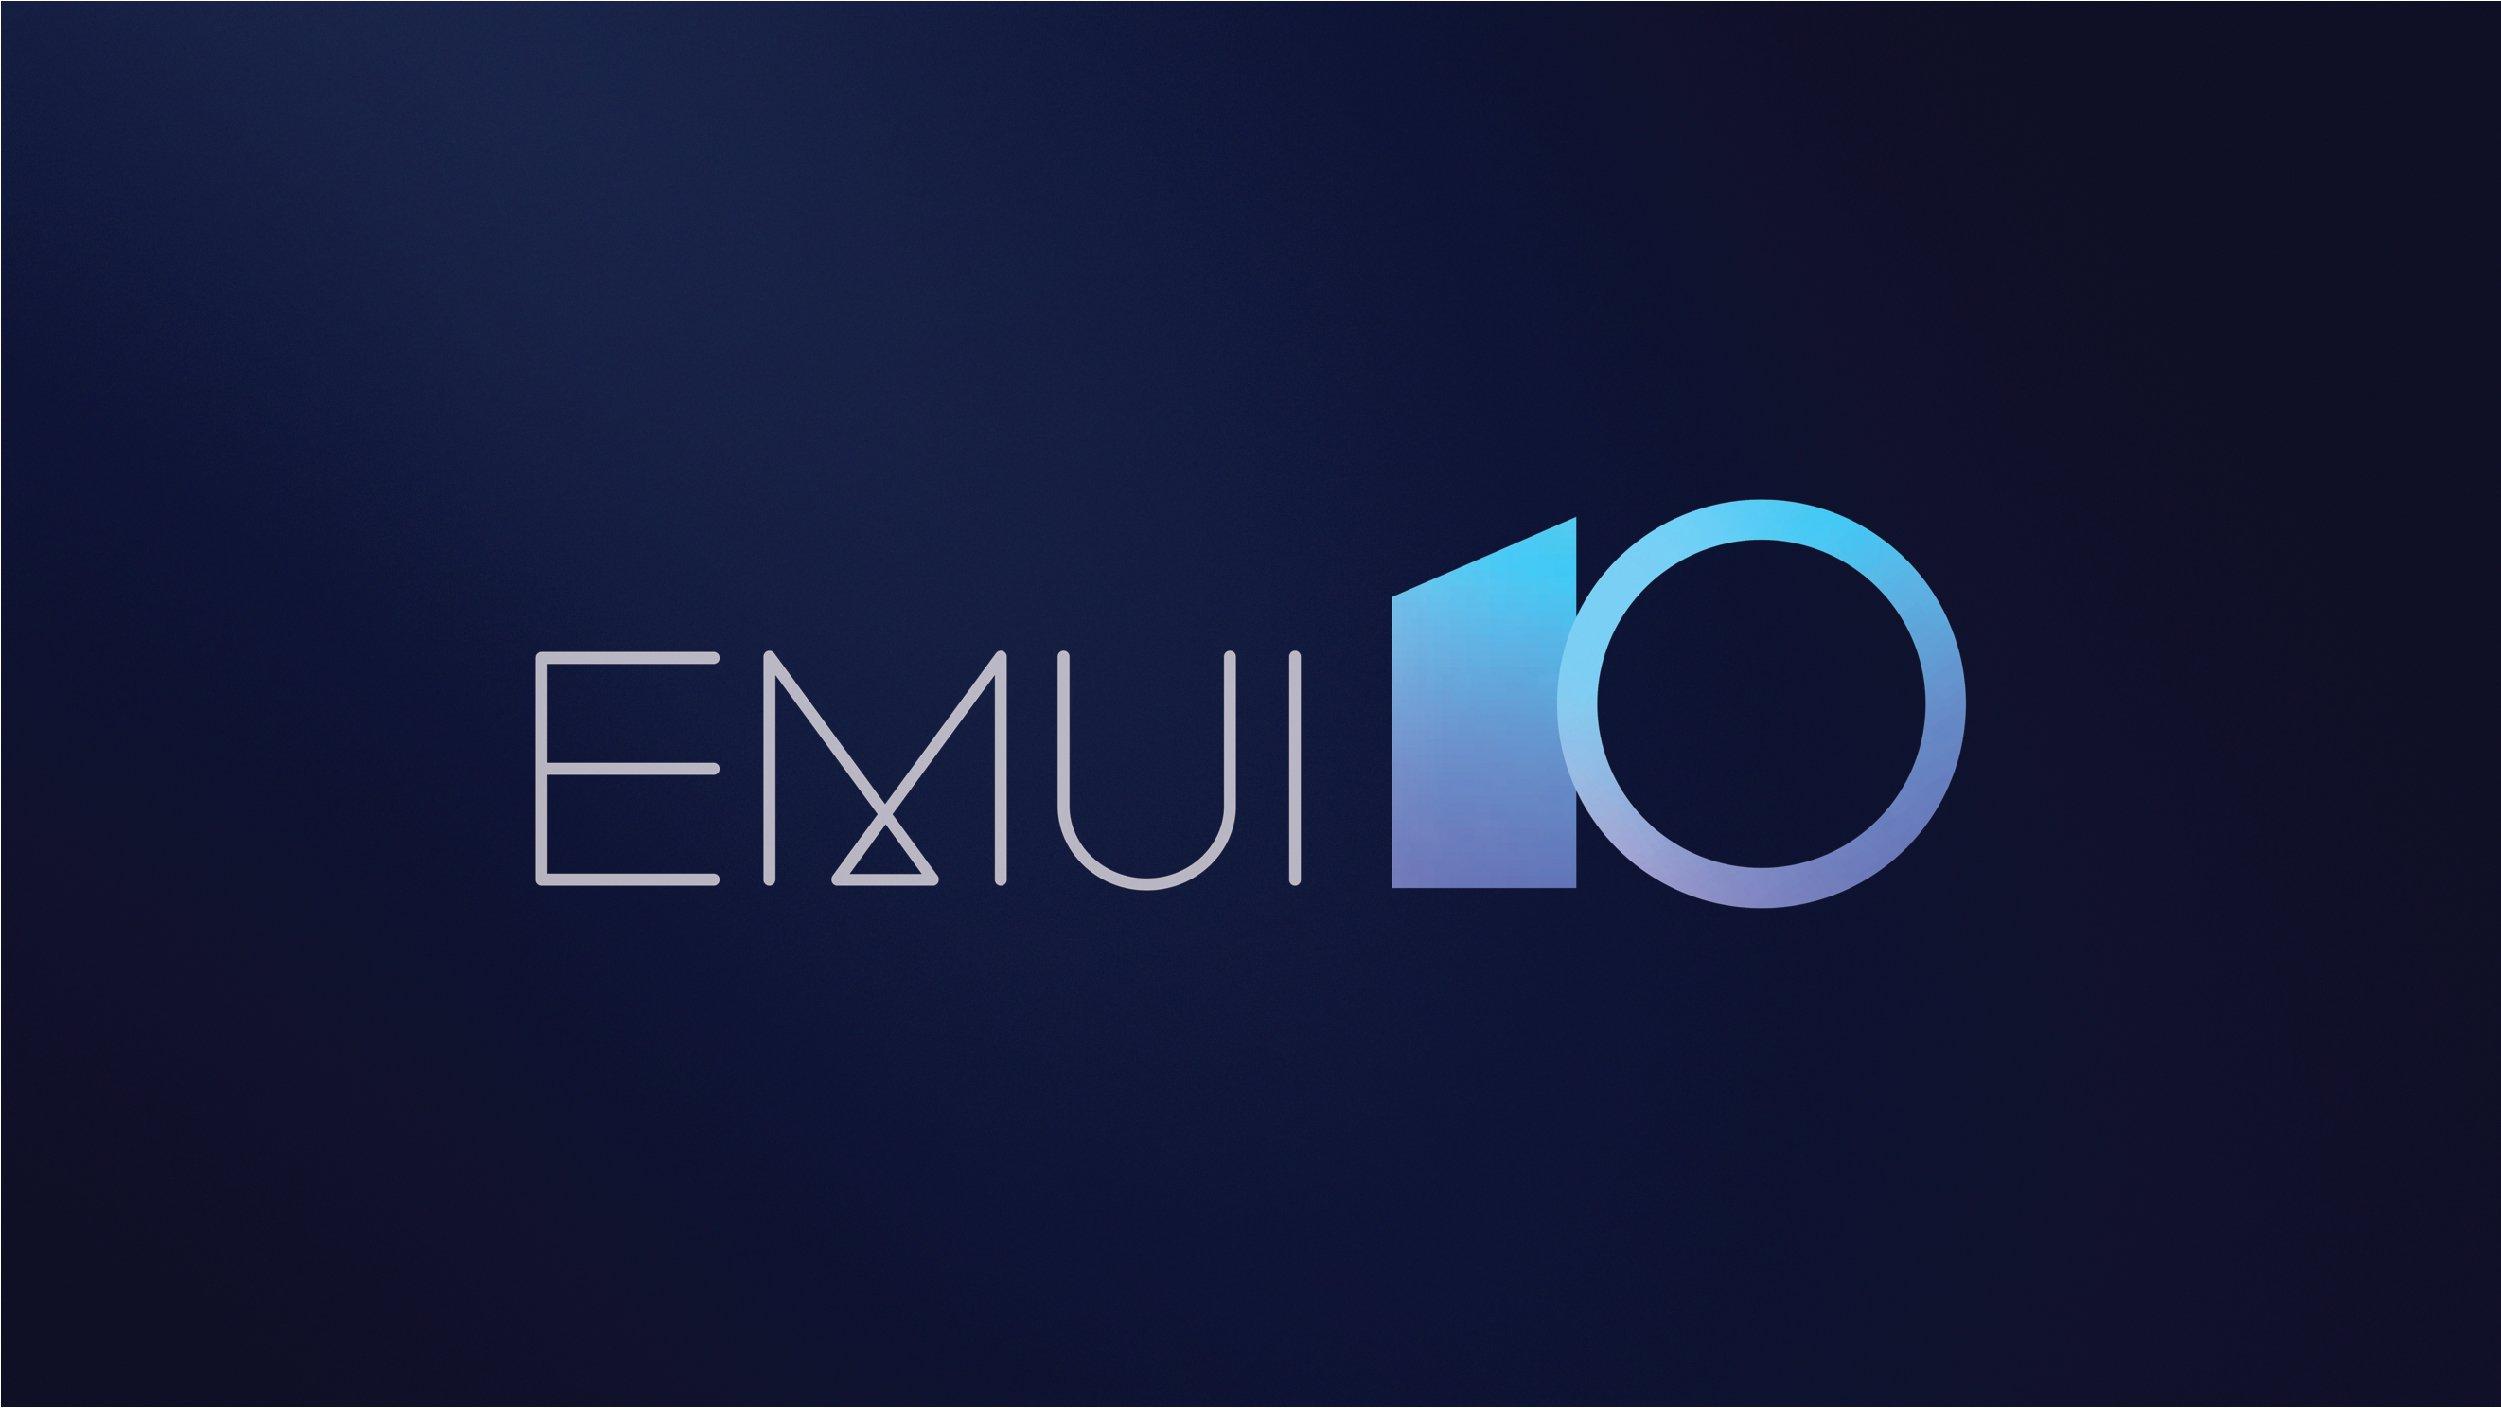 Huawei oznámilo EMUI 10 založené na Androidu Q [aktualizováno]